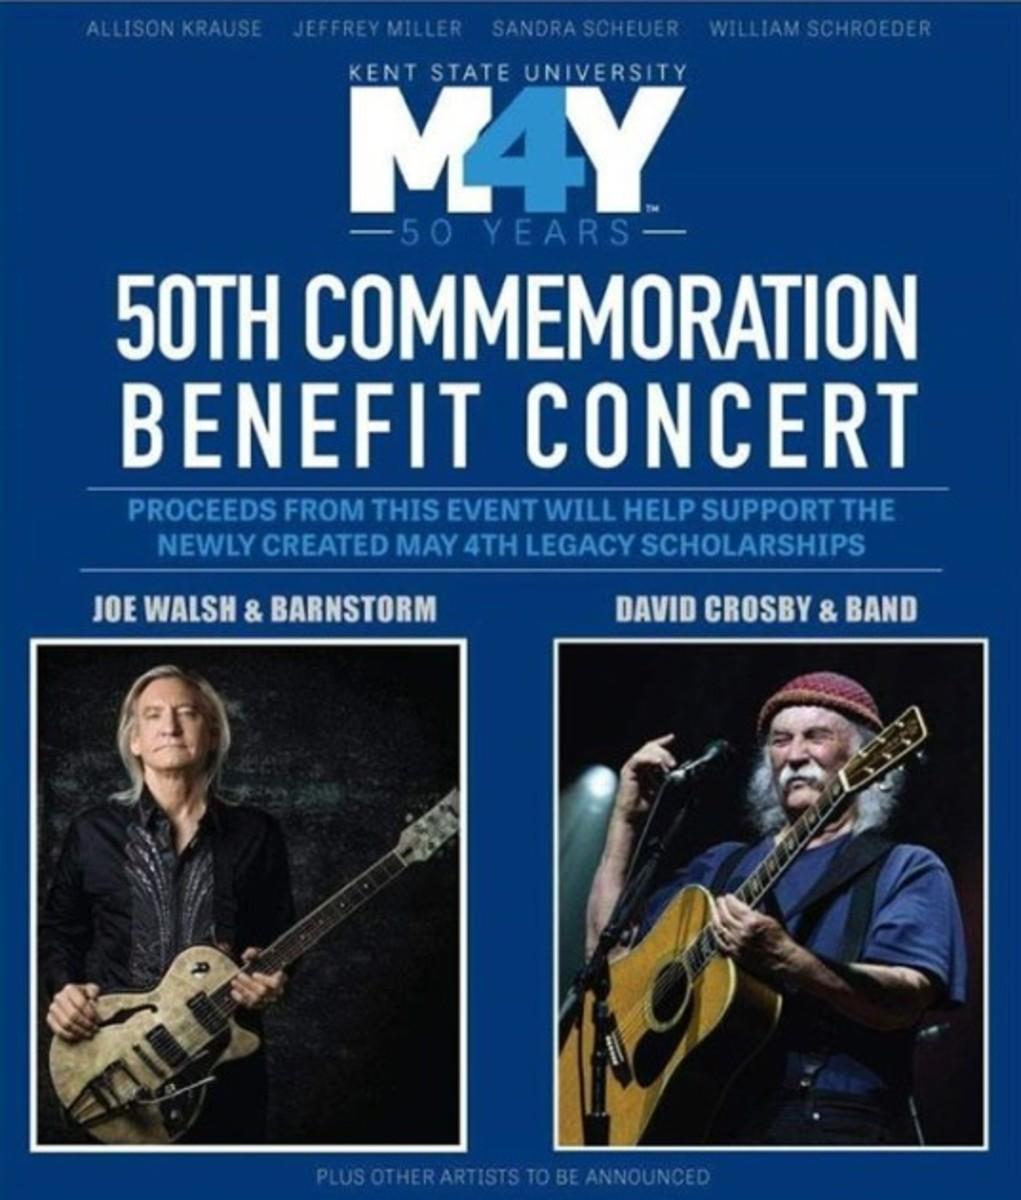 CSNY Kent concert